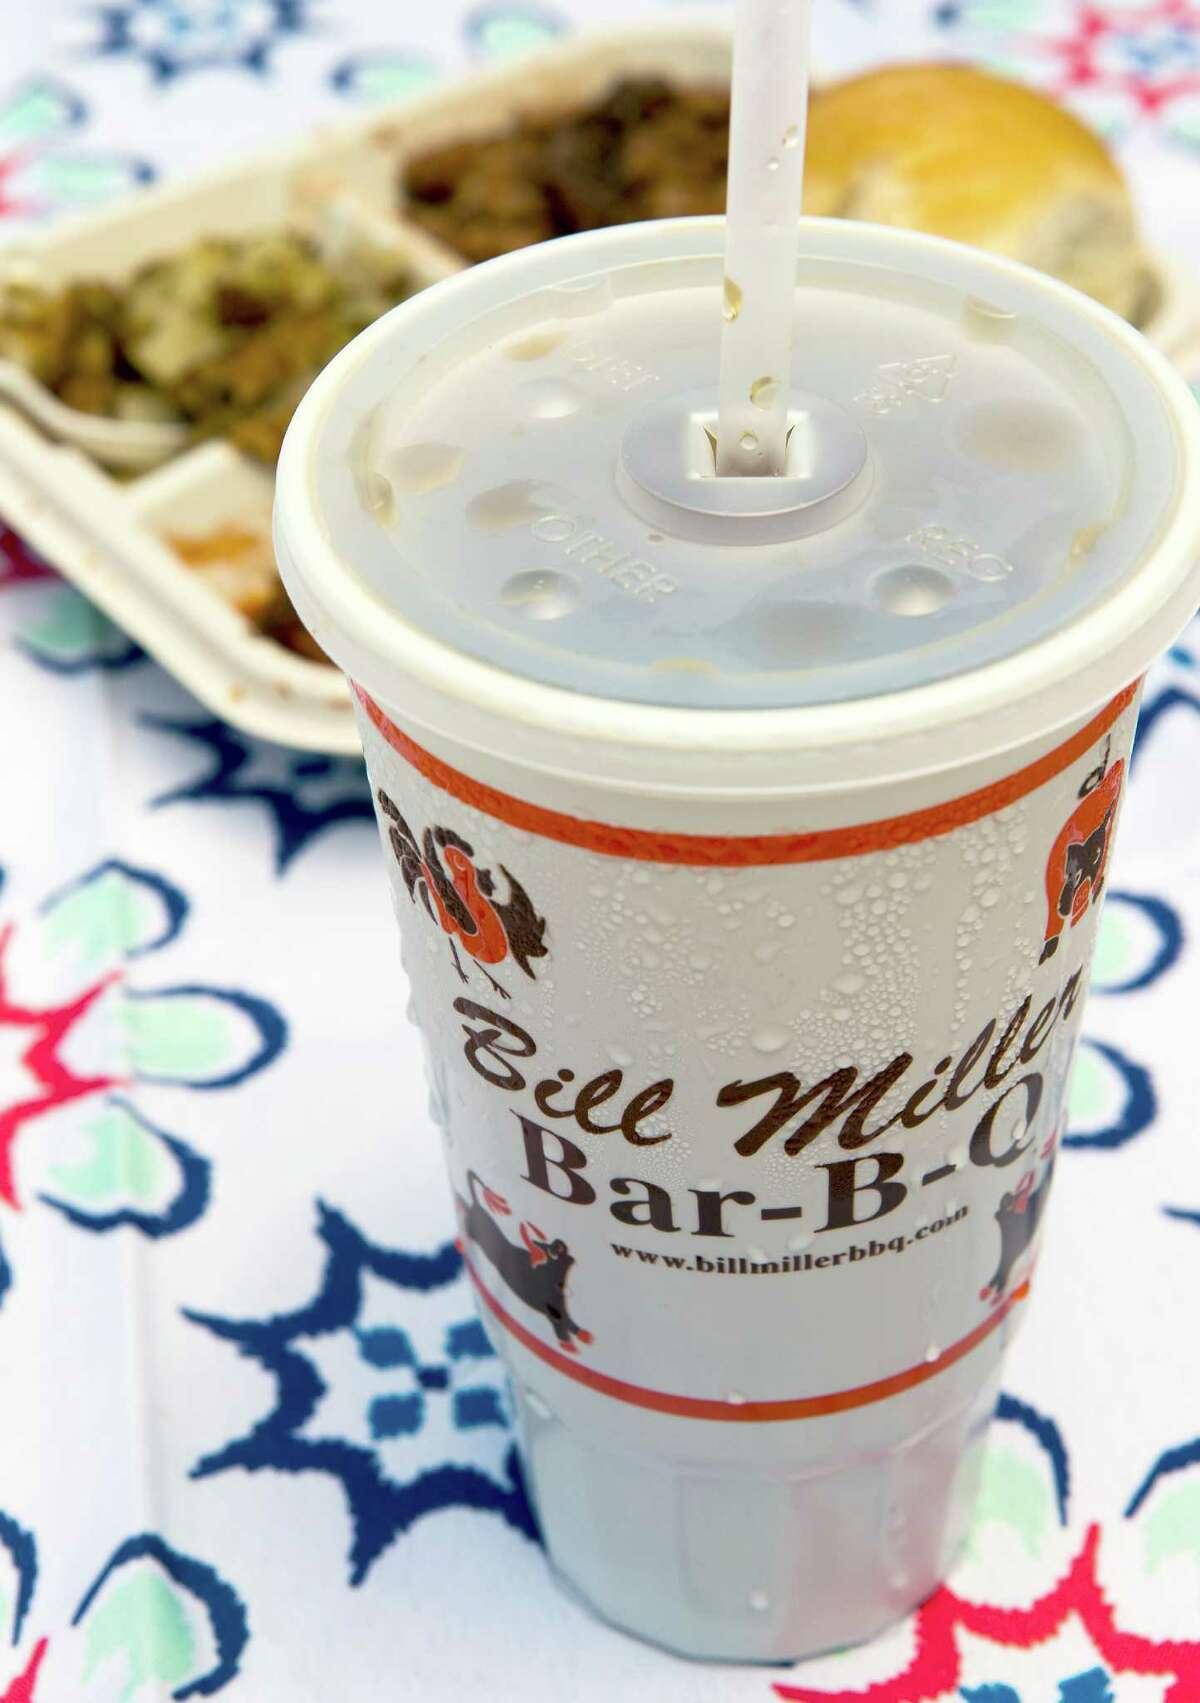 Bill Miller iced tea is a hometown favorite.